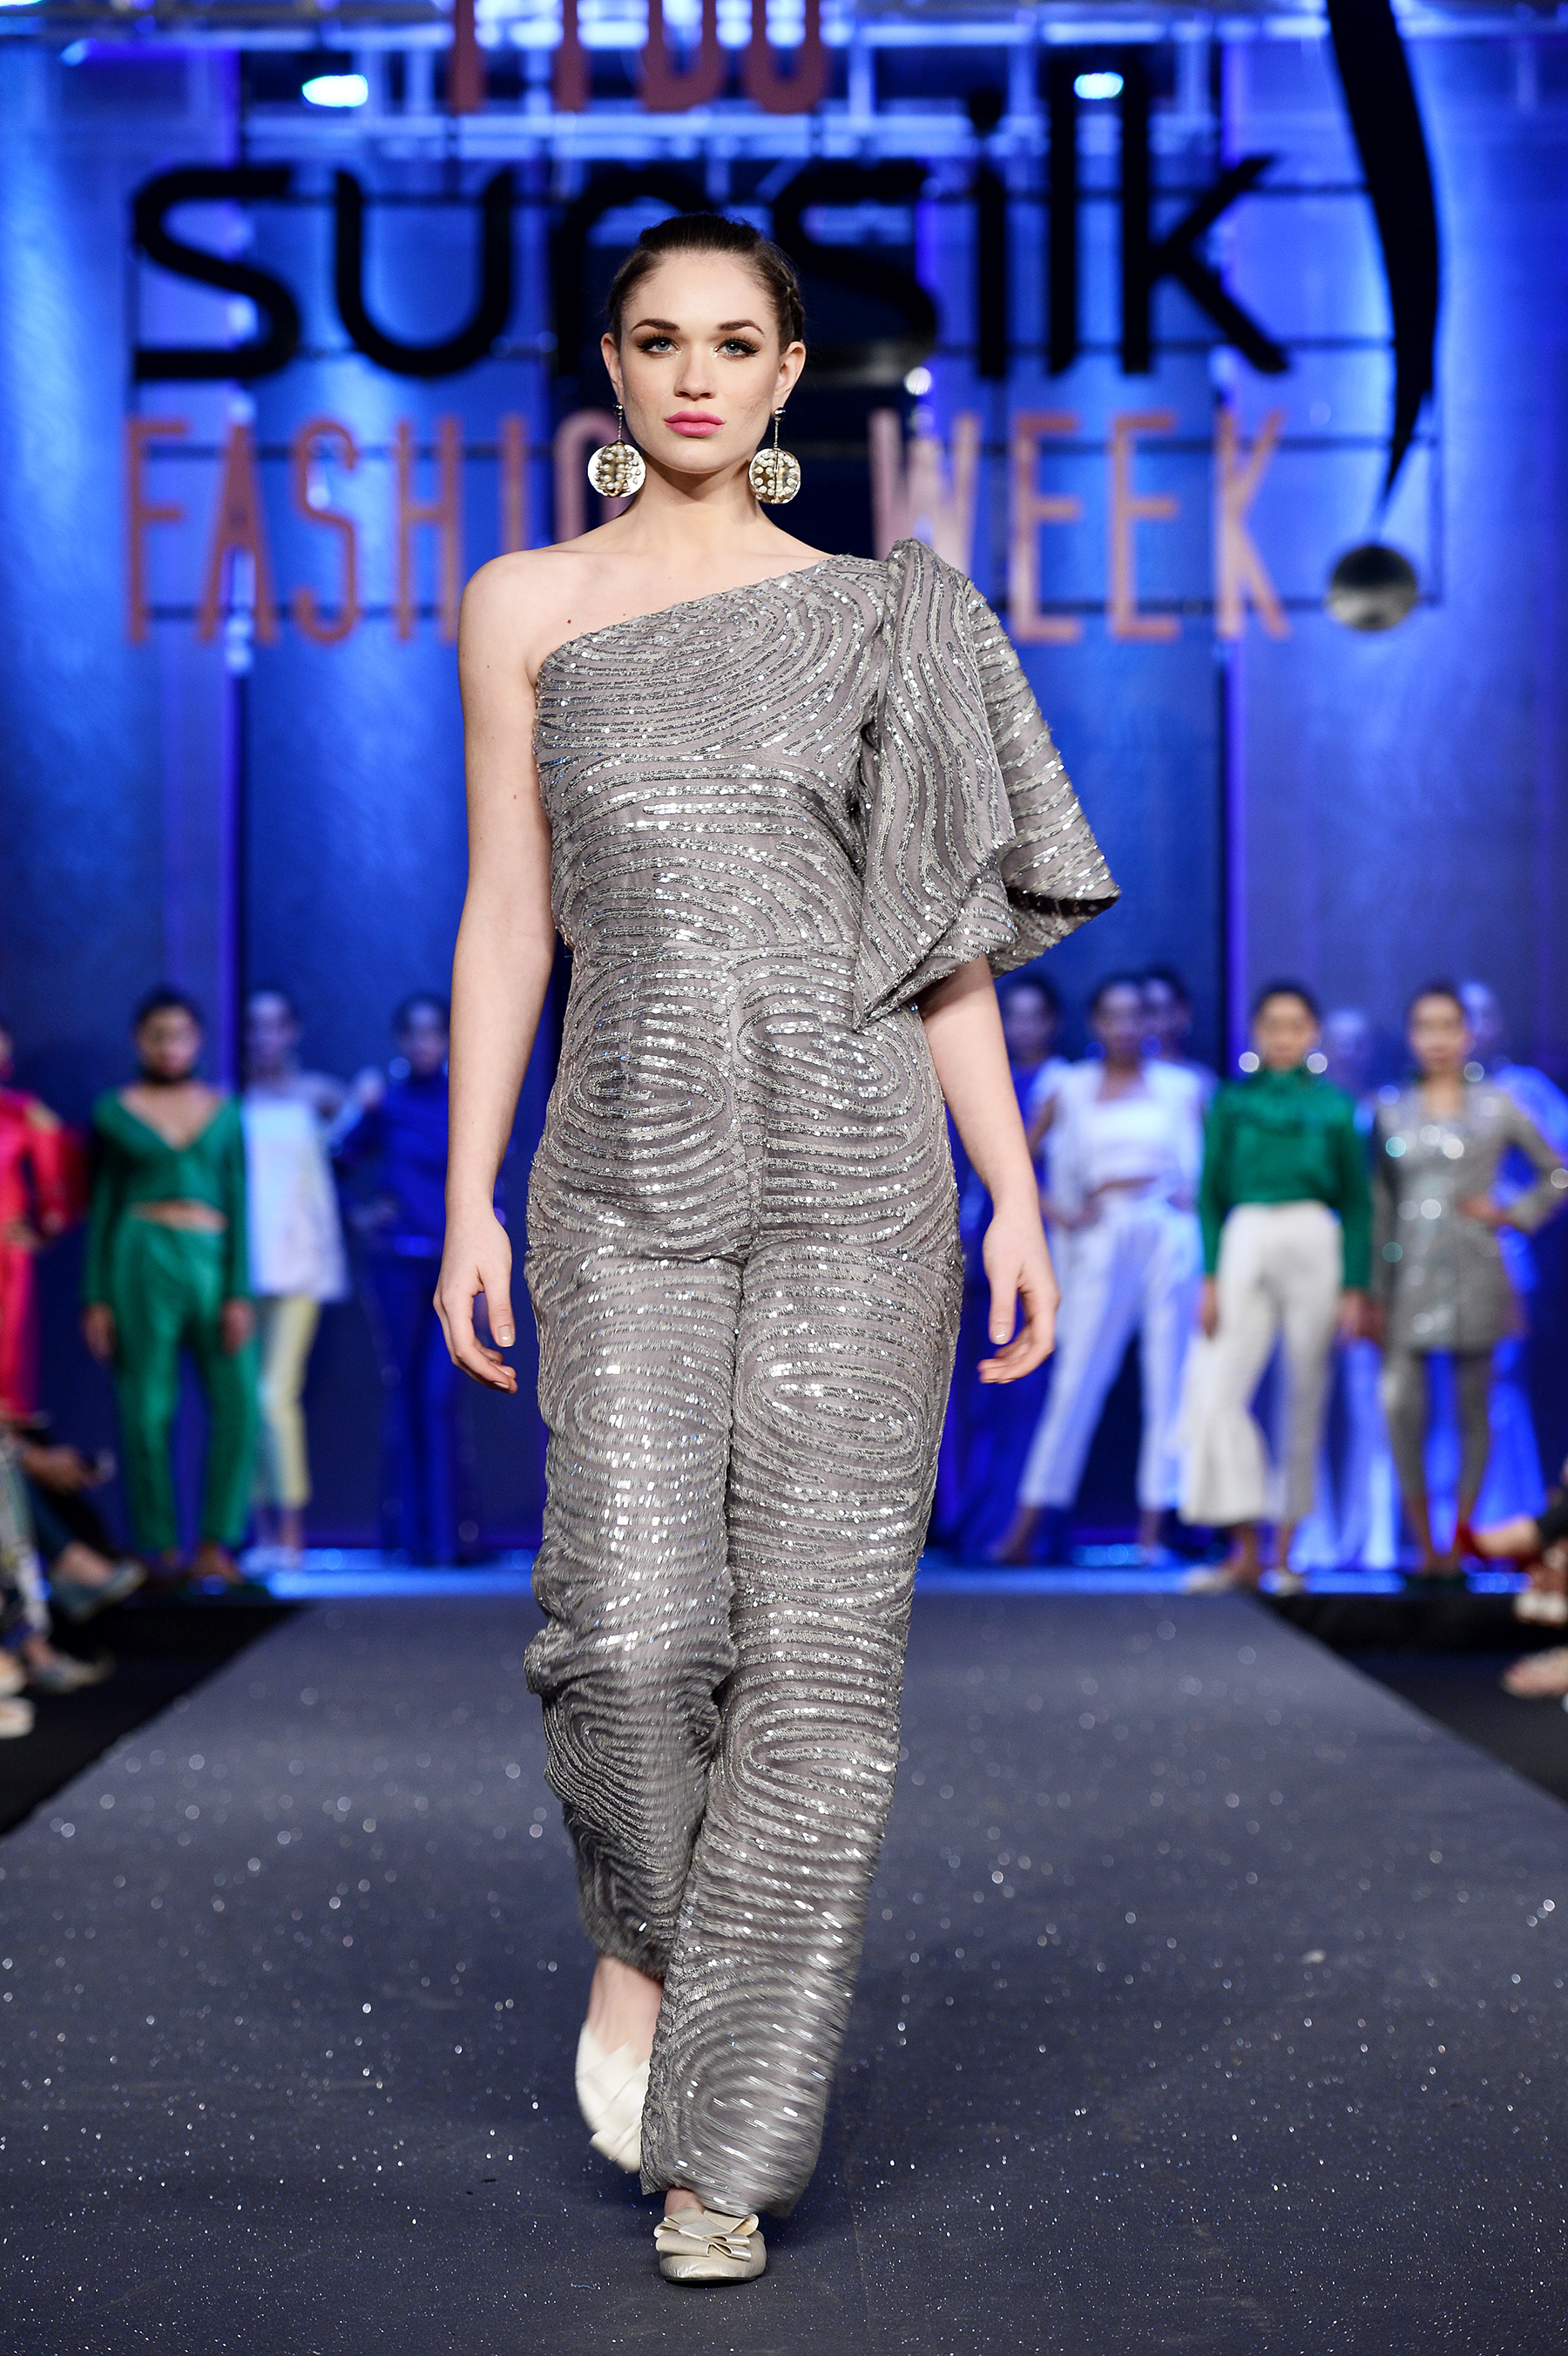 PFDC Sunsilk Fashion Week 2017 Highlights